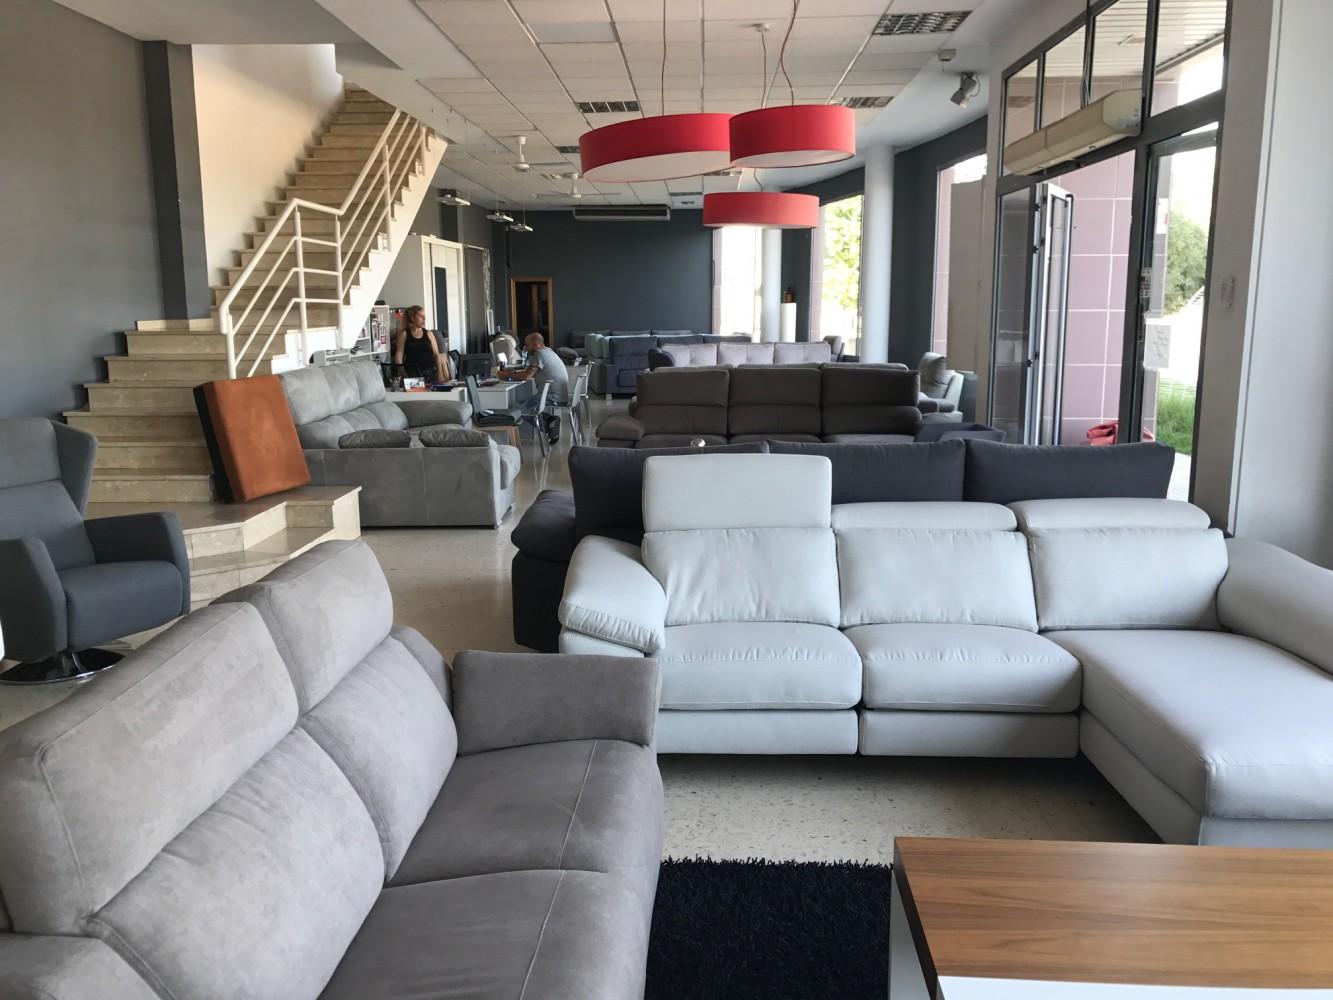 tiendas sofas cama baratos madrid leather corner sofa with recliner empresa tienda de sofás en valencia venta